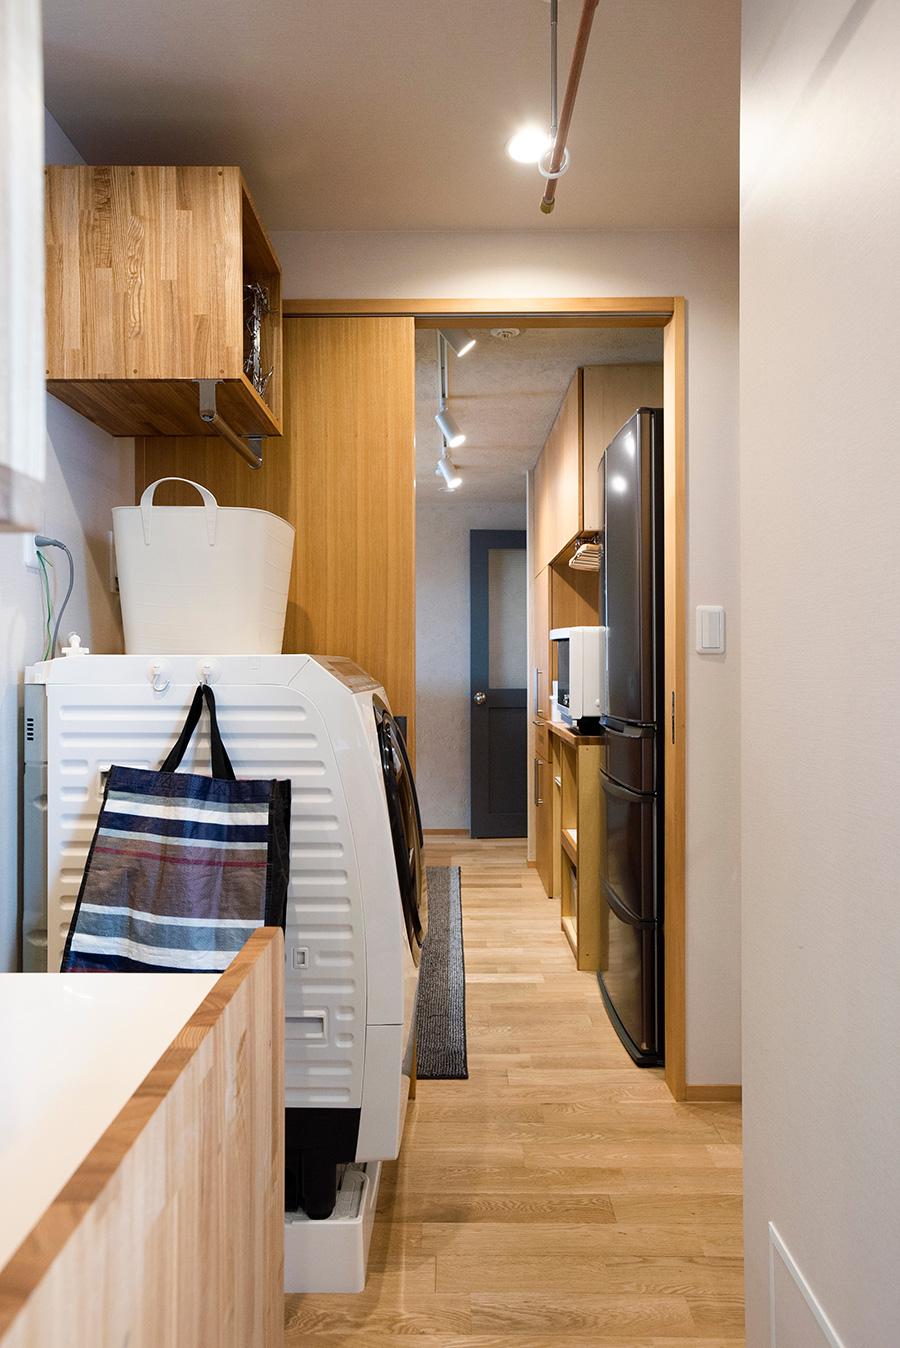 脱衣所の横は洗濯機置き場、そしてキッチンへと続き家事動線を確保。洗濯機上に設けた棚にはバーも取り付けた。